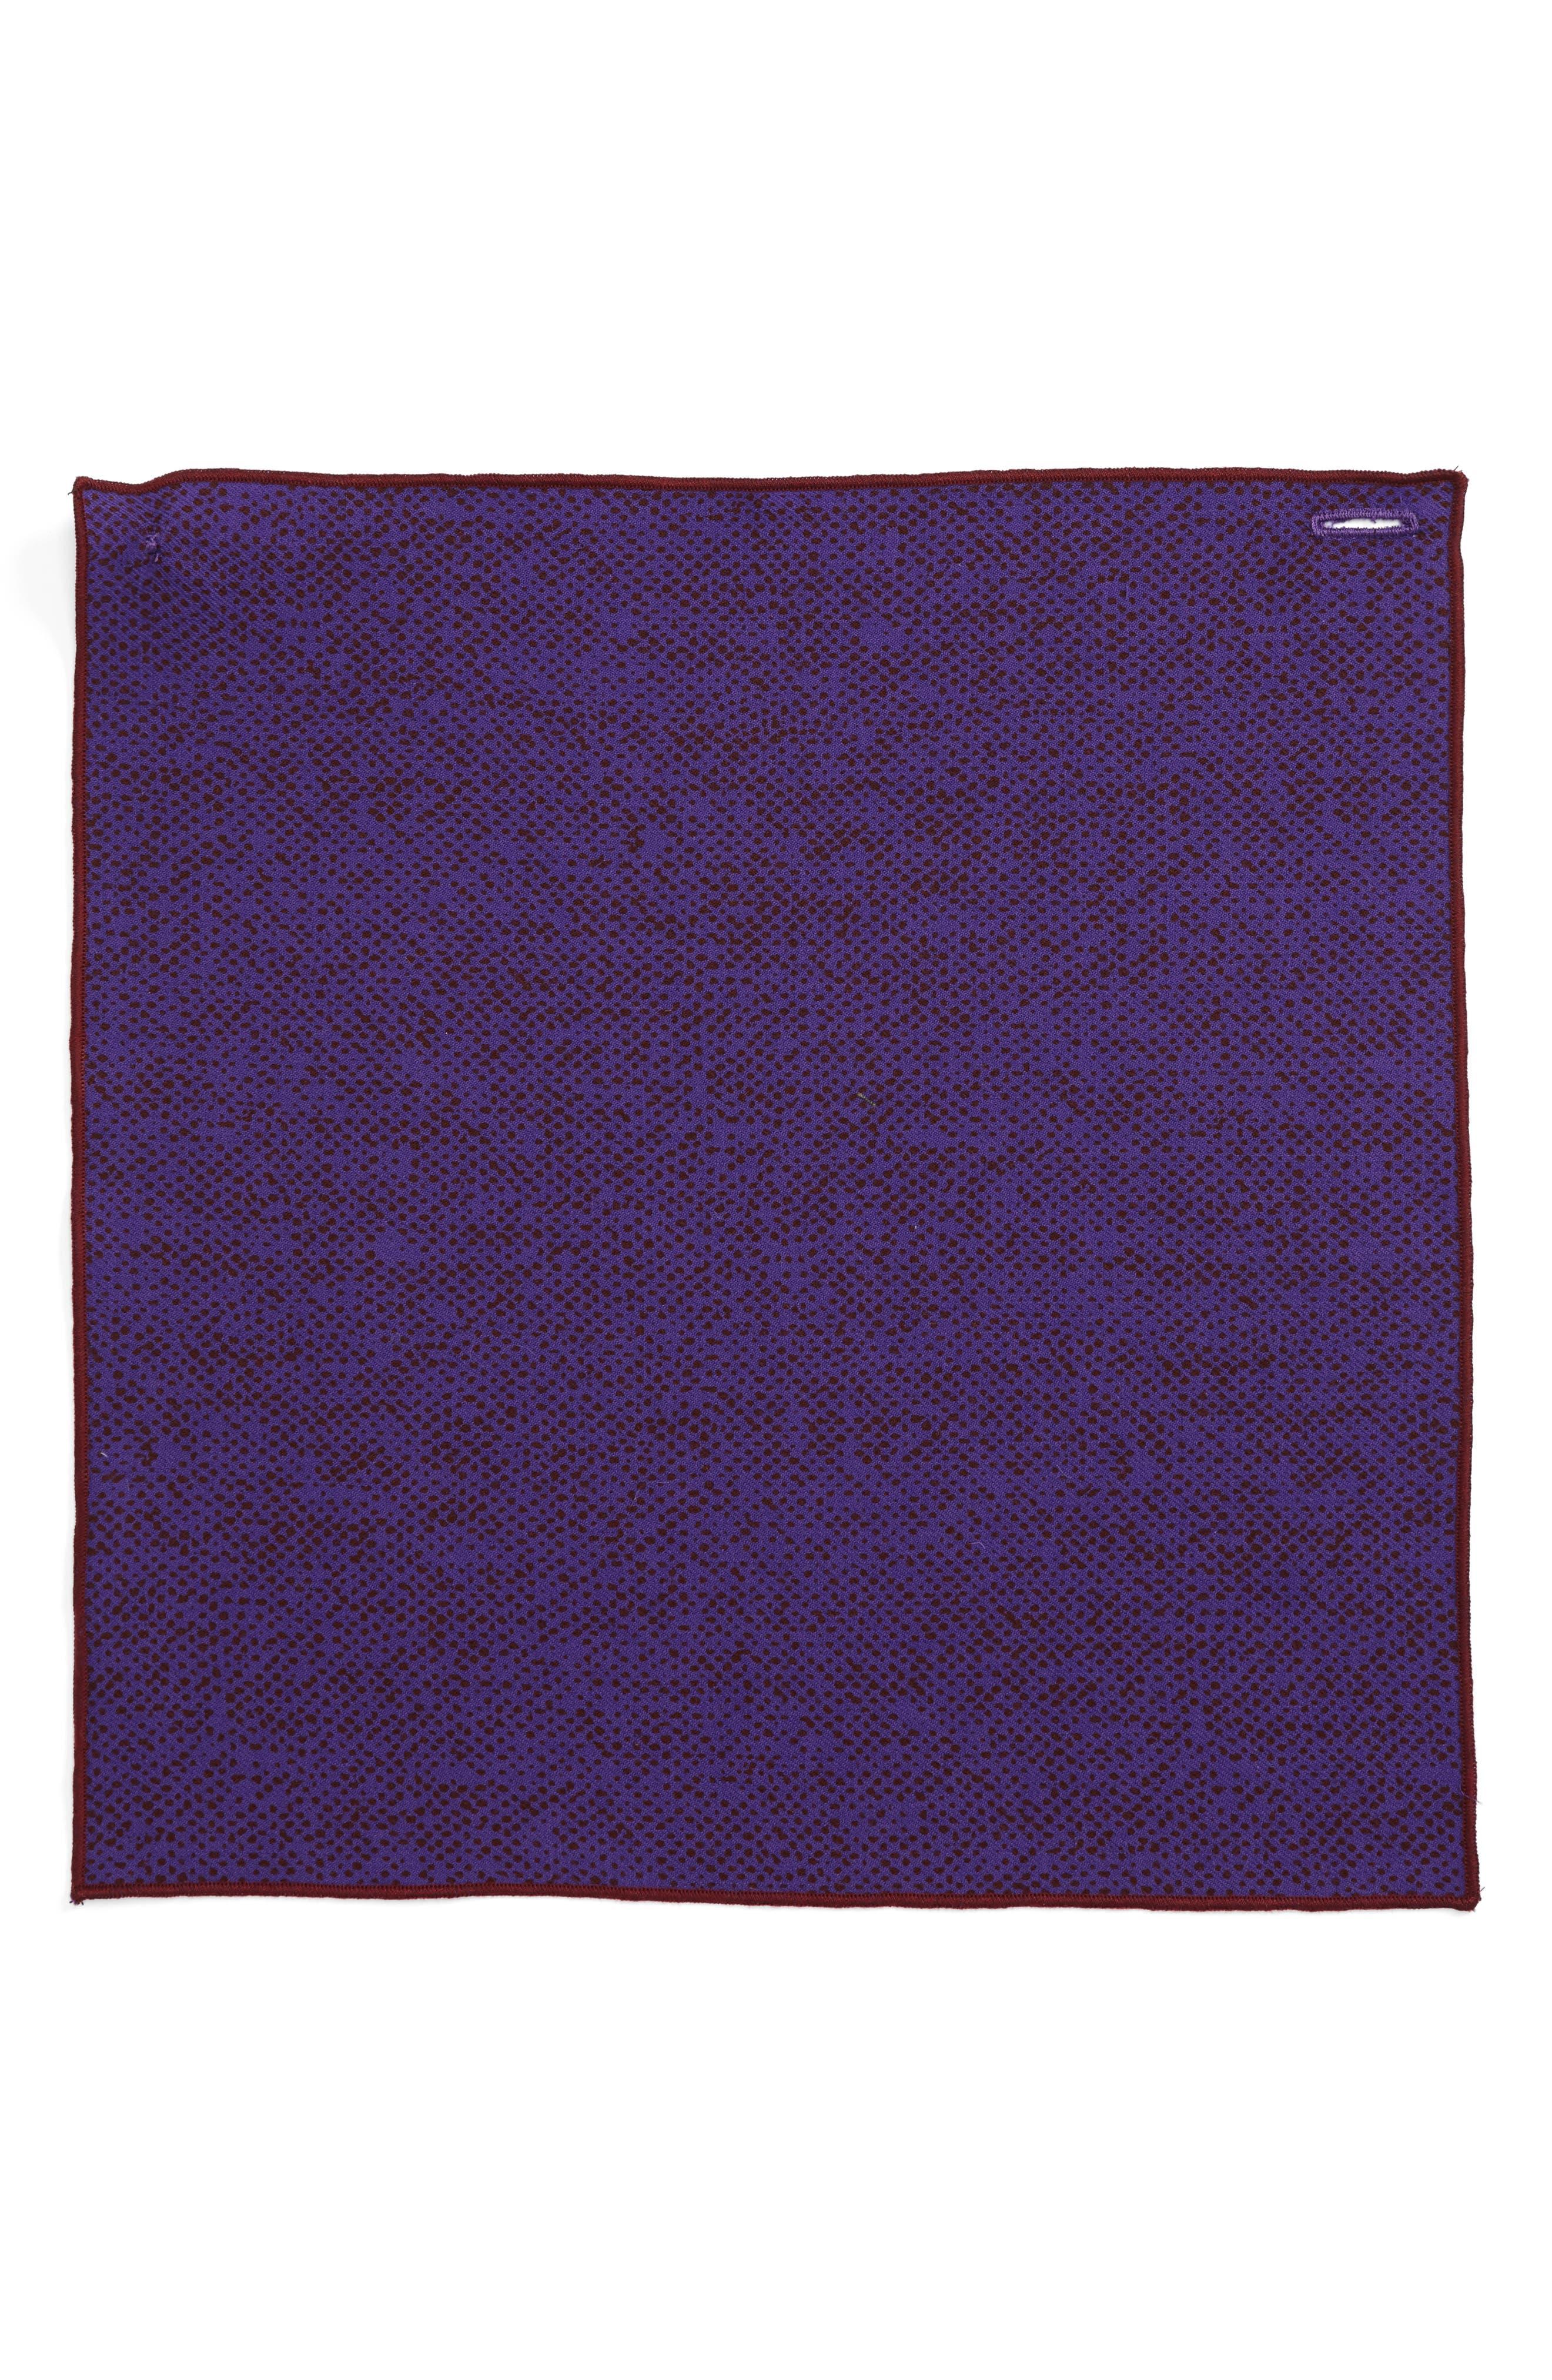 Purple Dot Wool Pocket Square,                             Alternate thumbnail 2, color,                             500